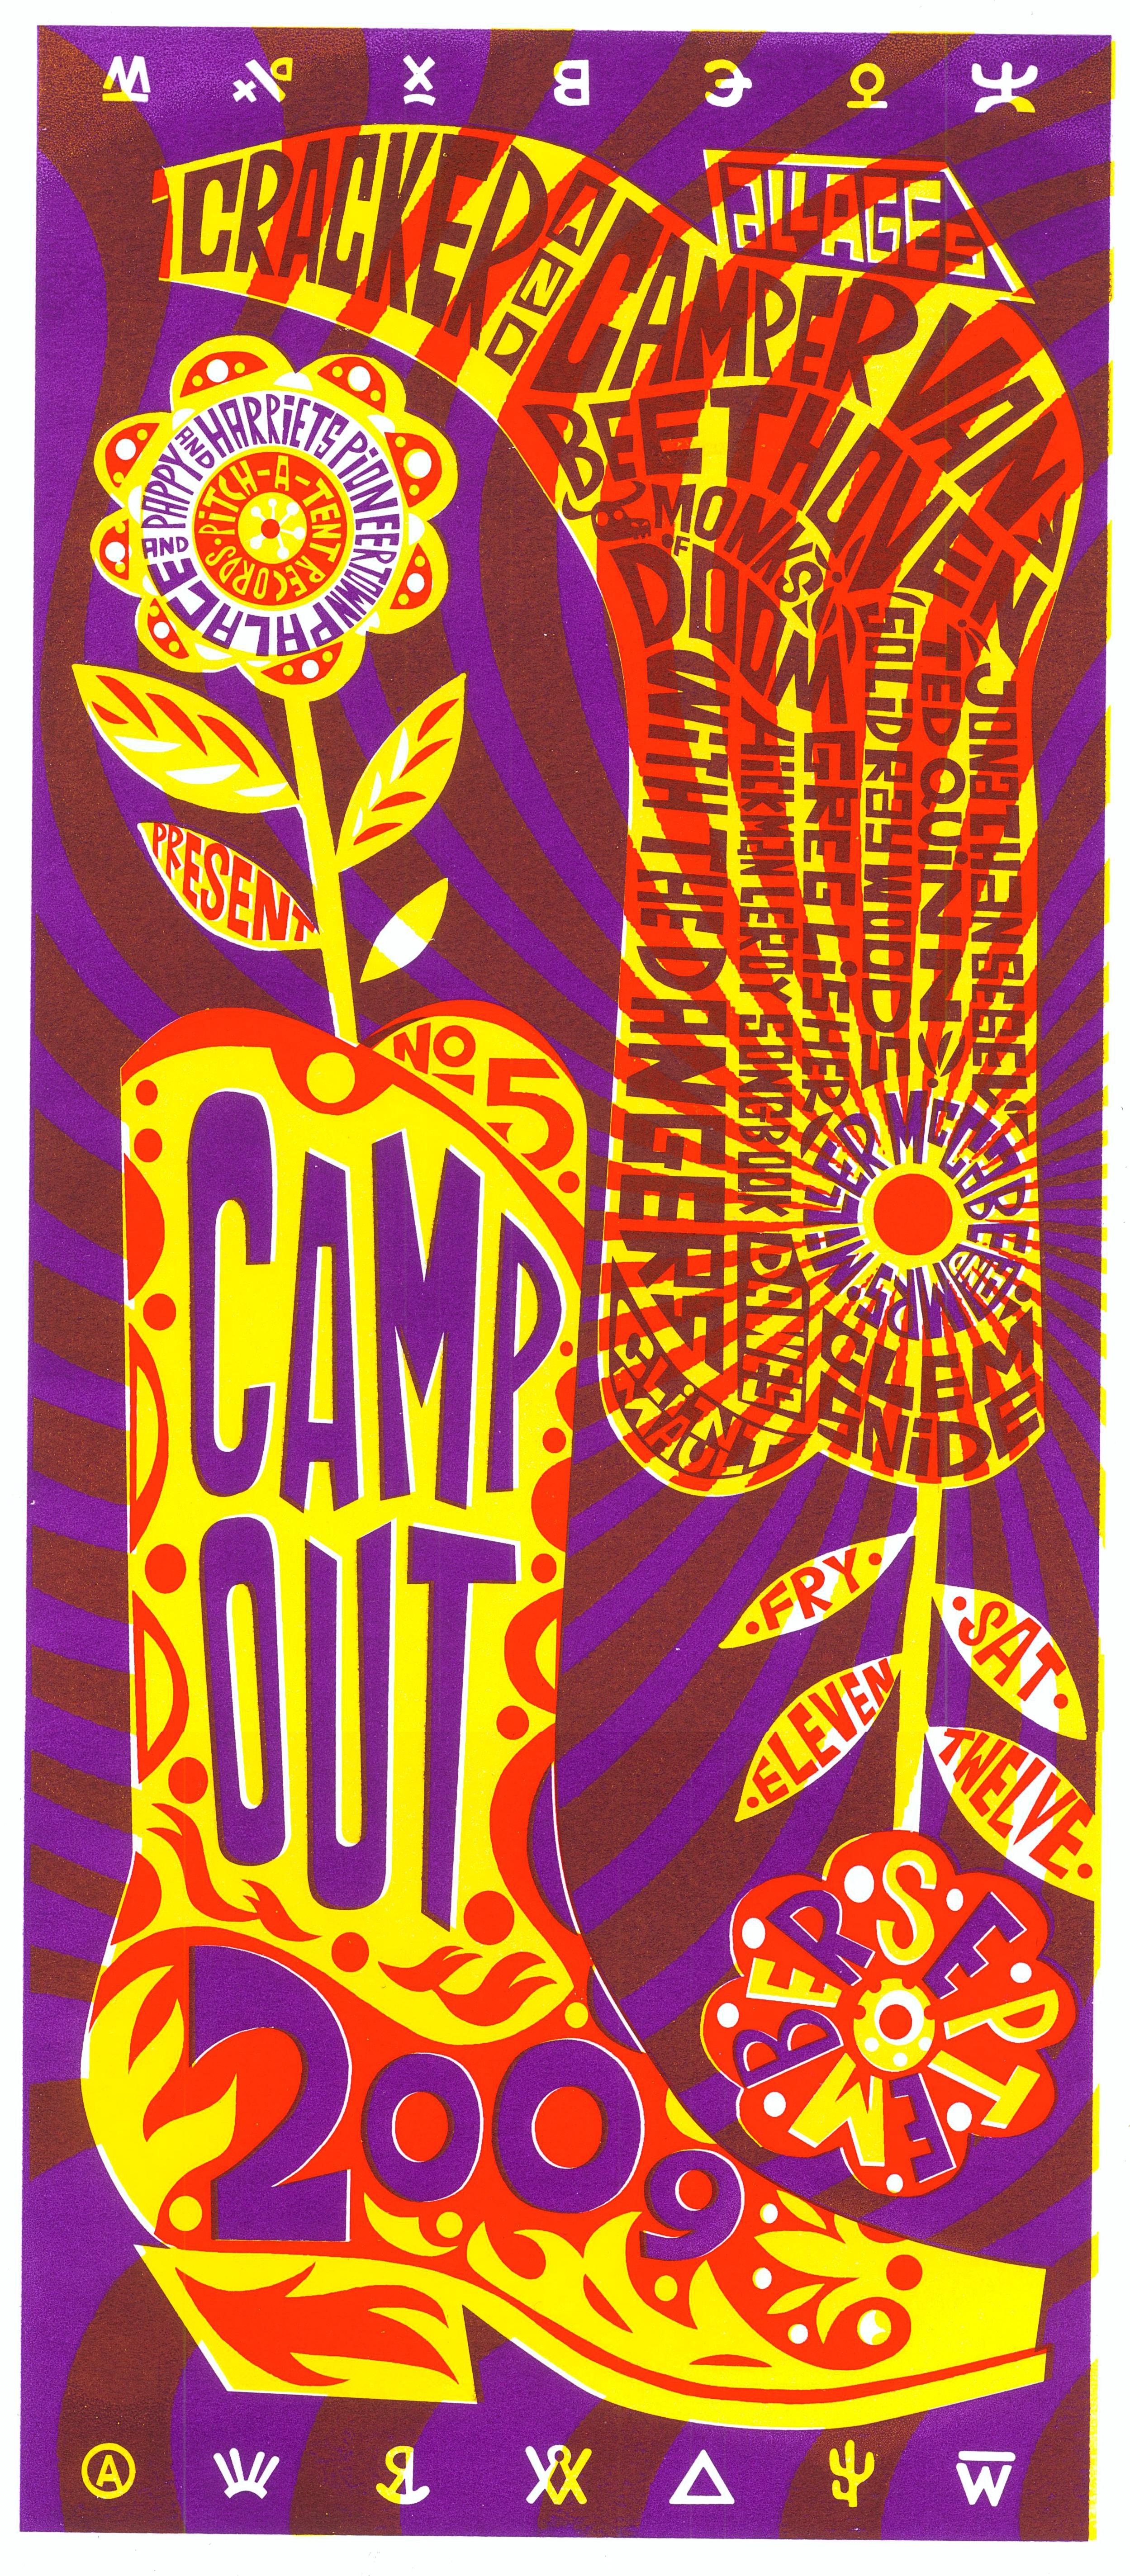 Campout 2009